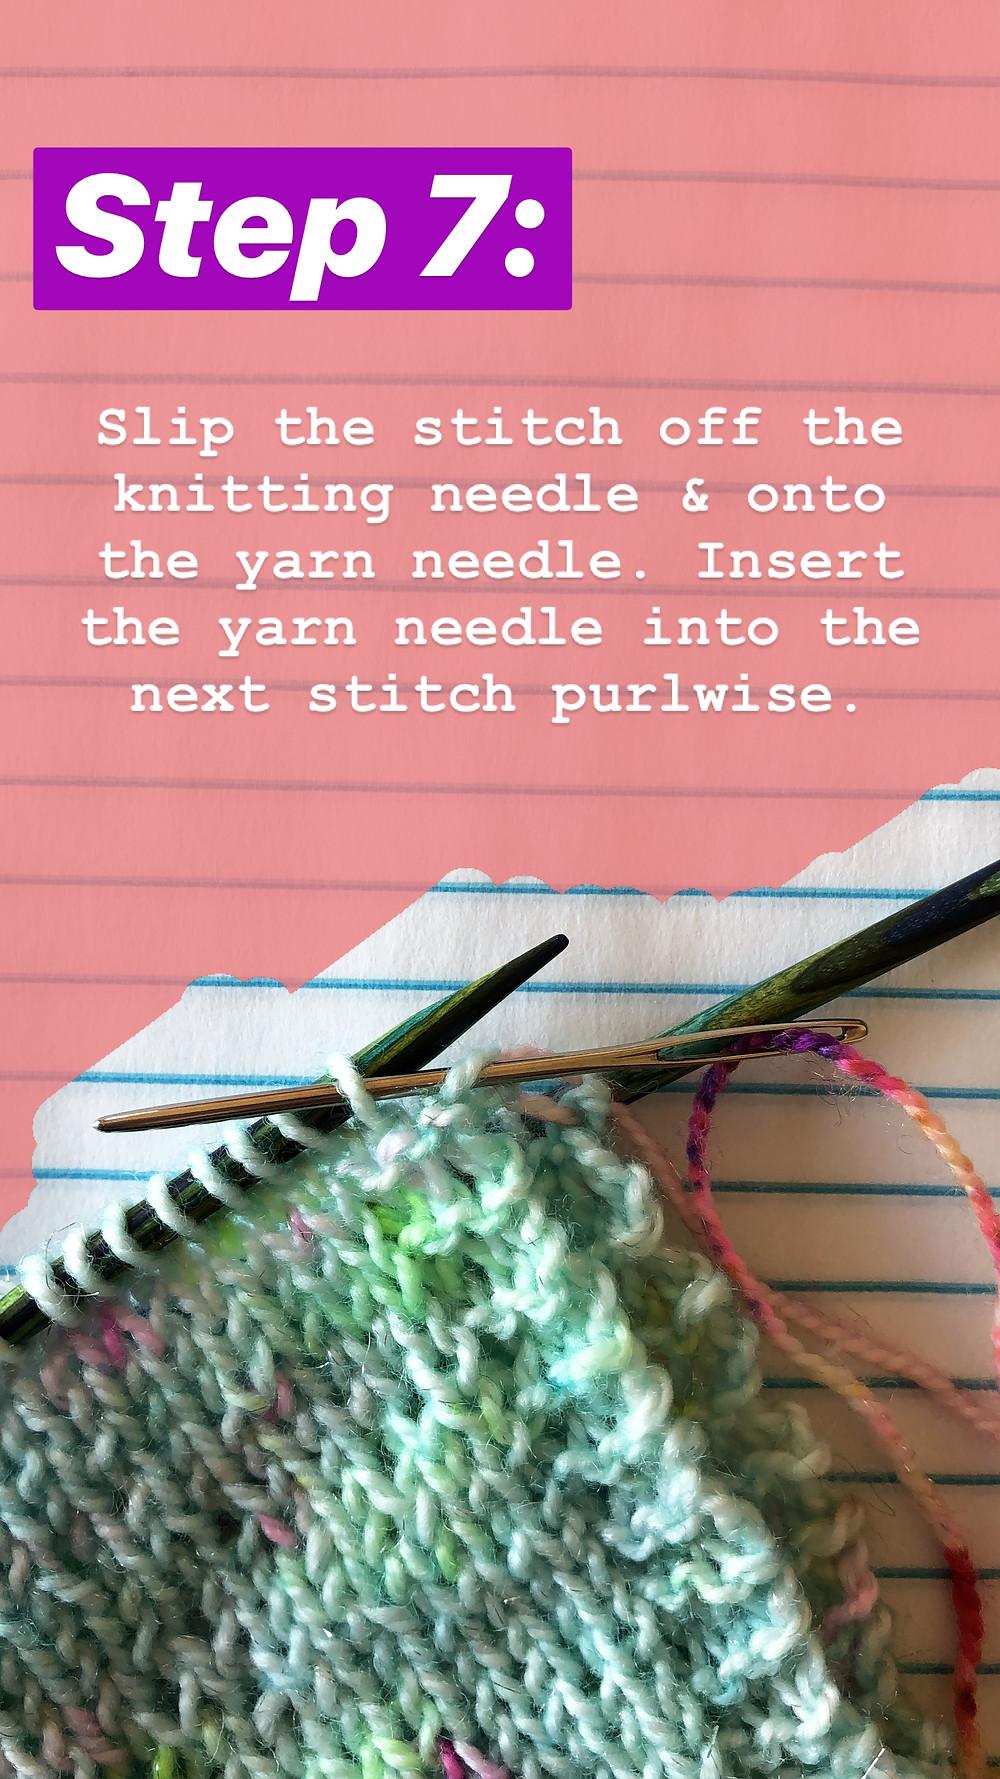 Easy Grafting / Kitchener Stitch Tutorial Step 7